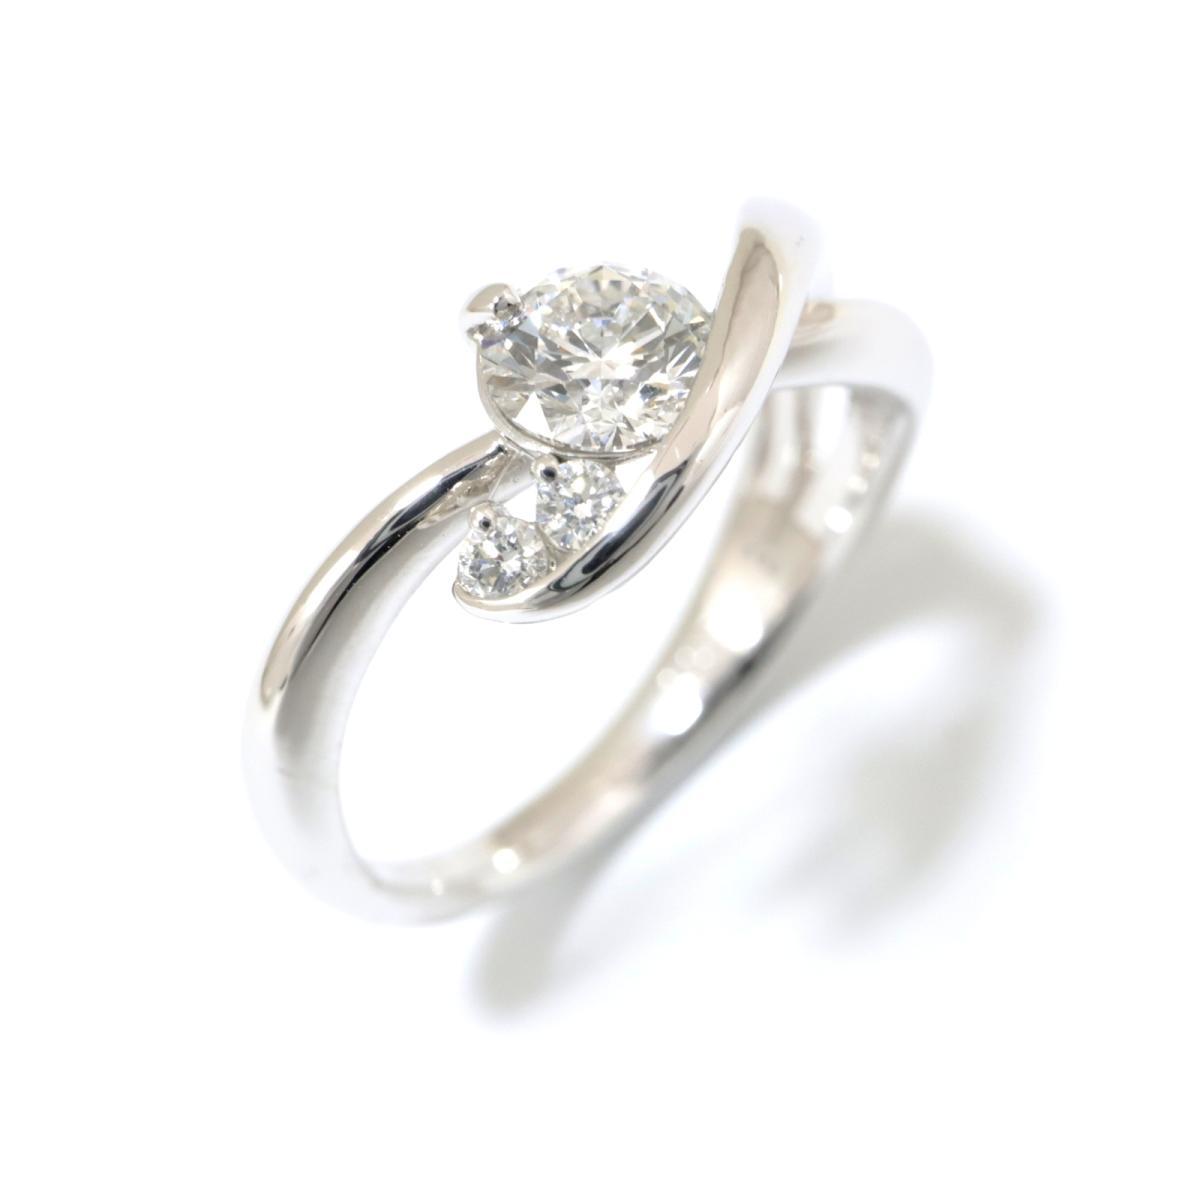 【中古】 ジュエリー ダイヤモンド リング 指輪 レディース PT900 プラチナ x (0.411ct/0.05ct) クリアー シルバー | JEWELRY BRANDOFF ブランドオフ ブランド ジュエリー アクセサリー